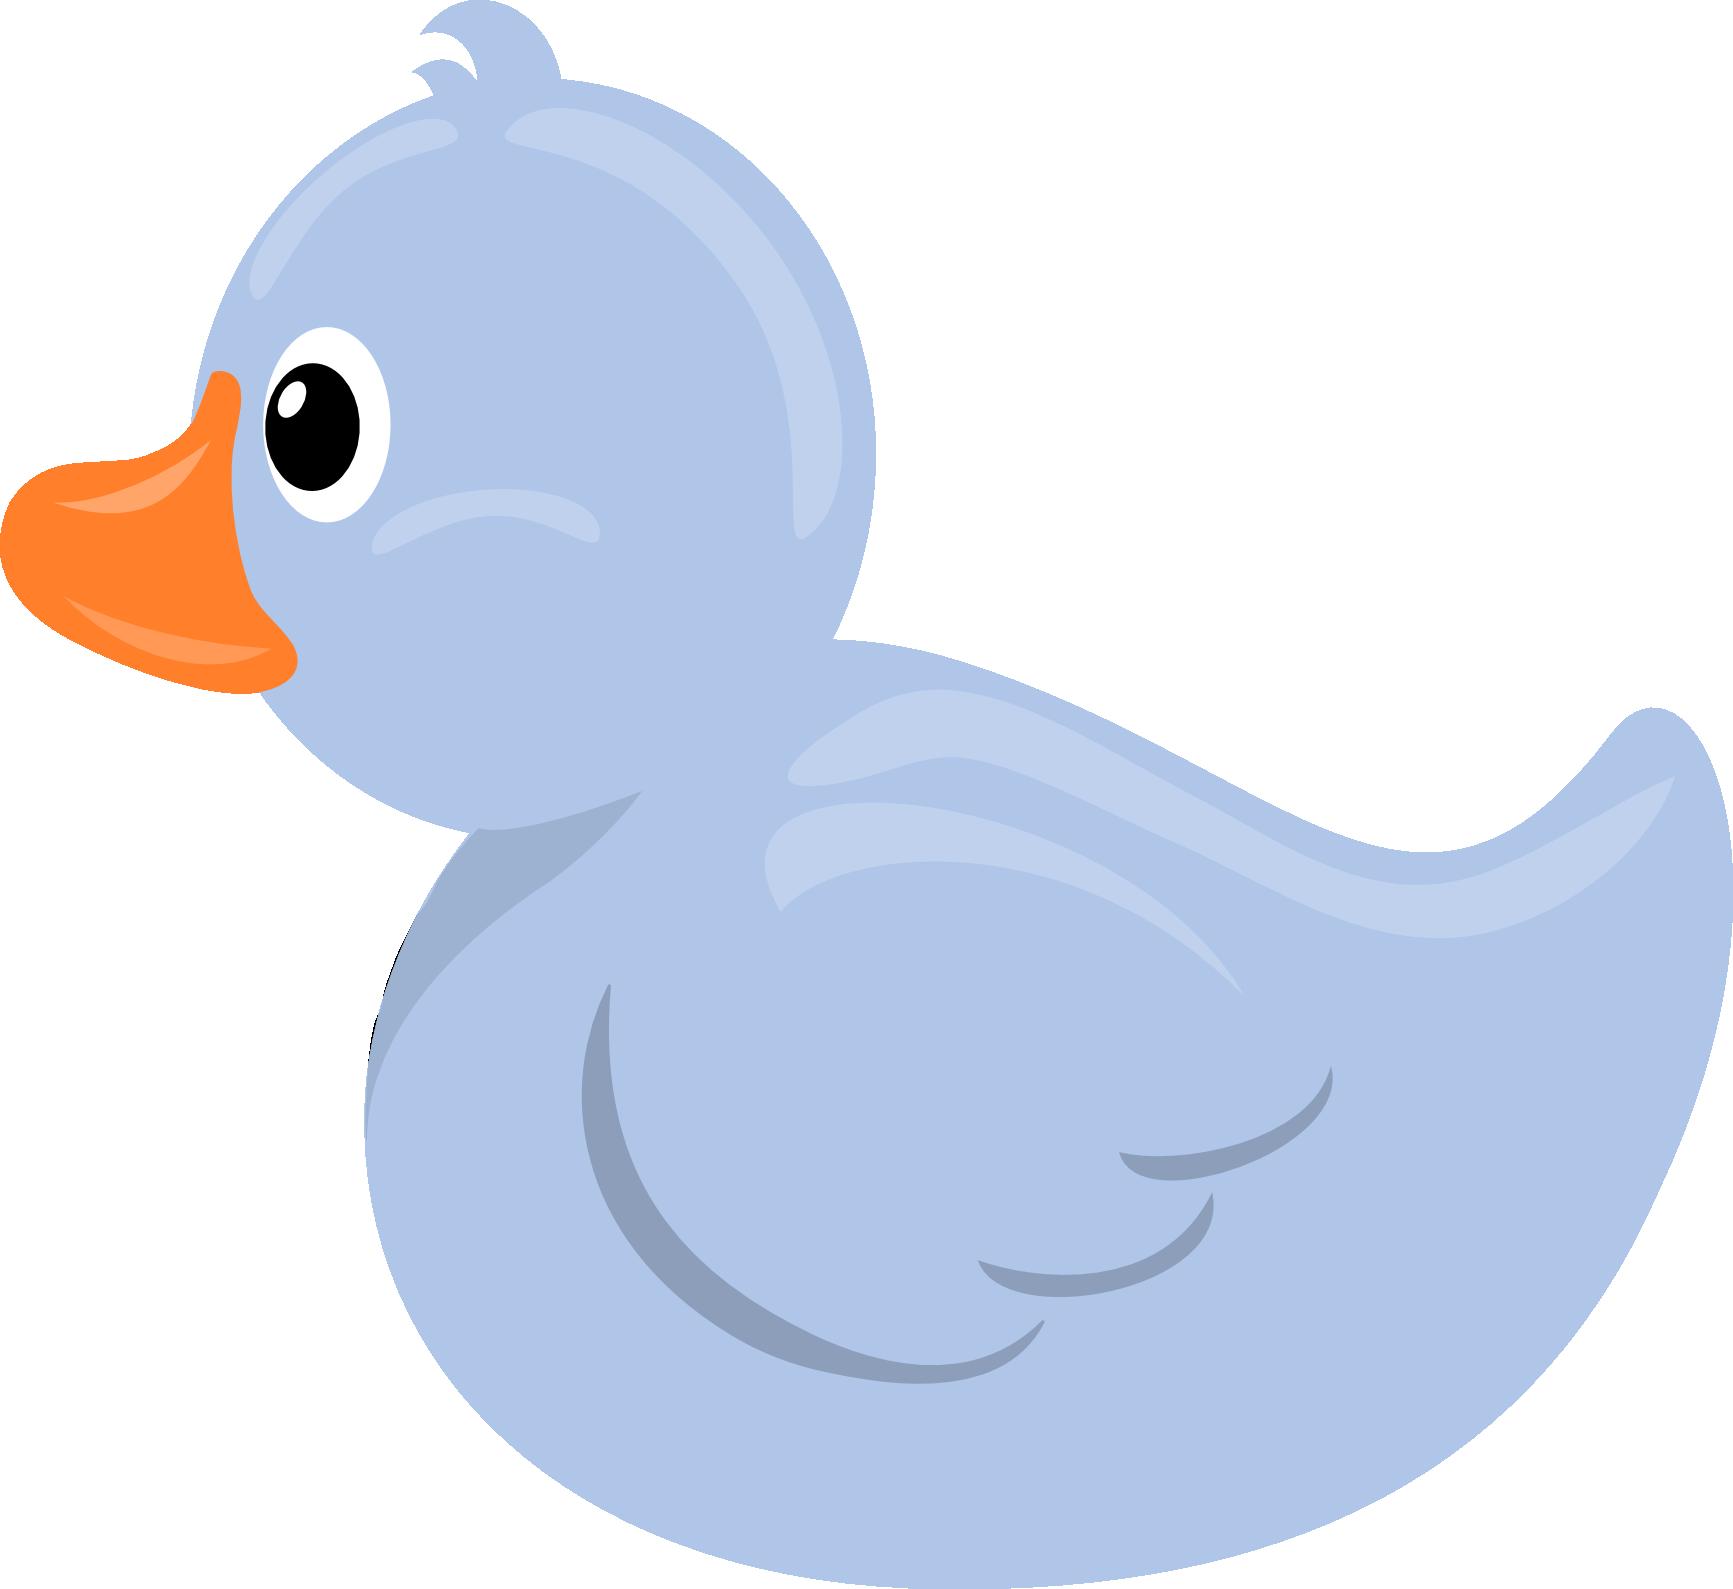 Rubber Duck Clipart Stormdesignz-Rubber duck clipart stormdesignz-9